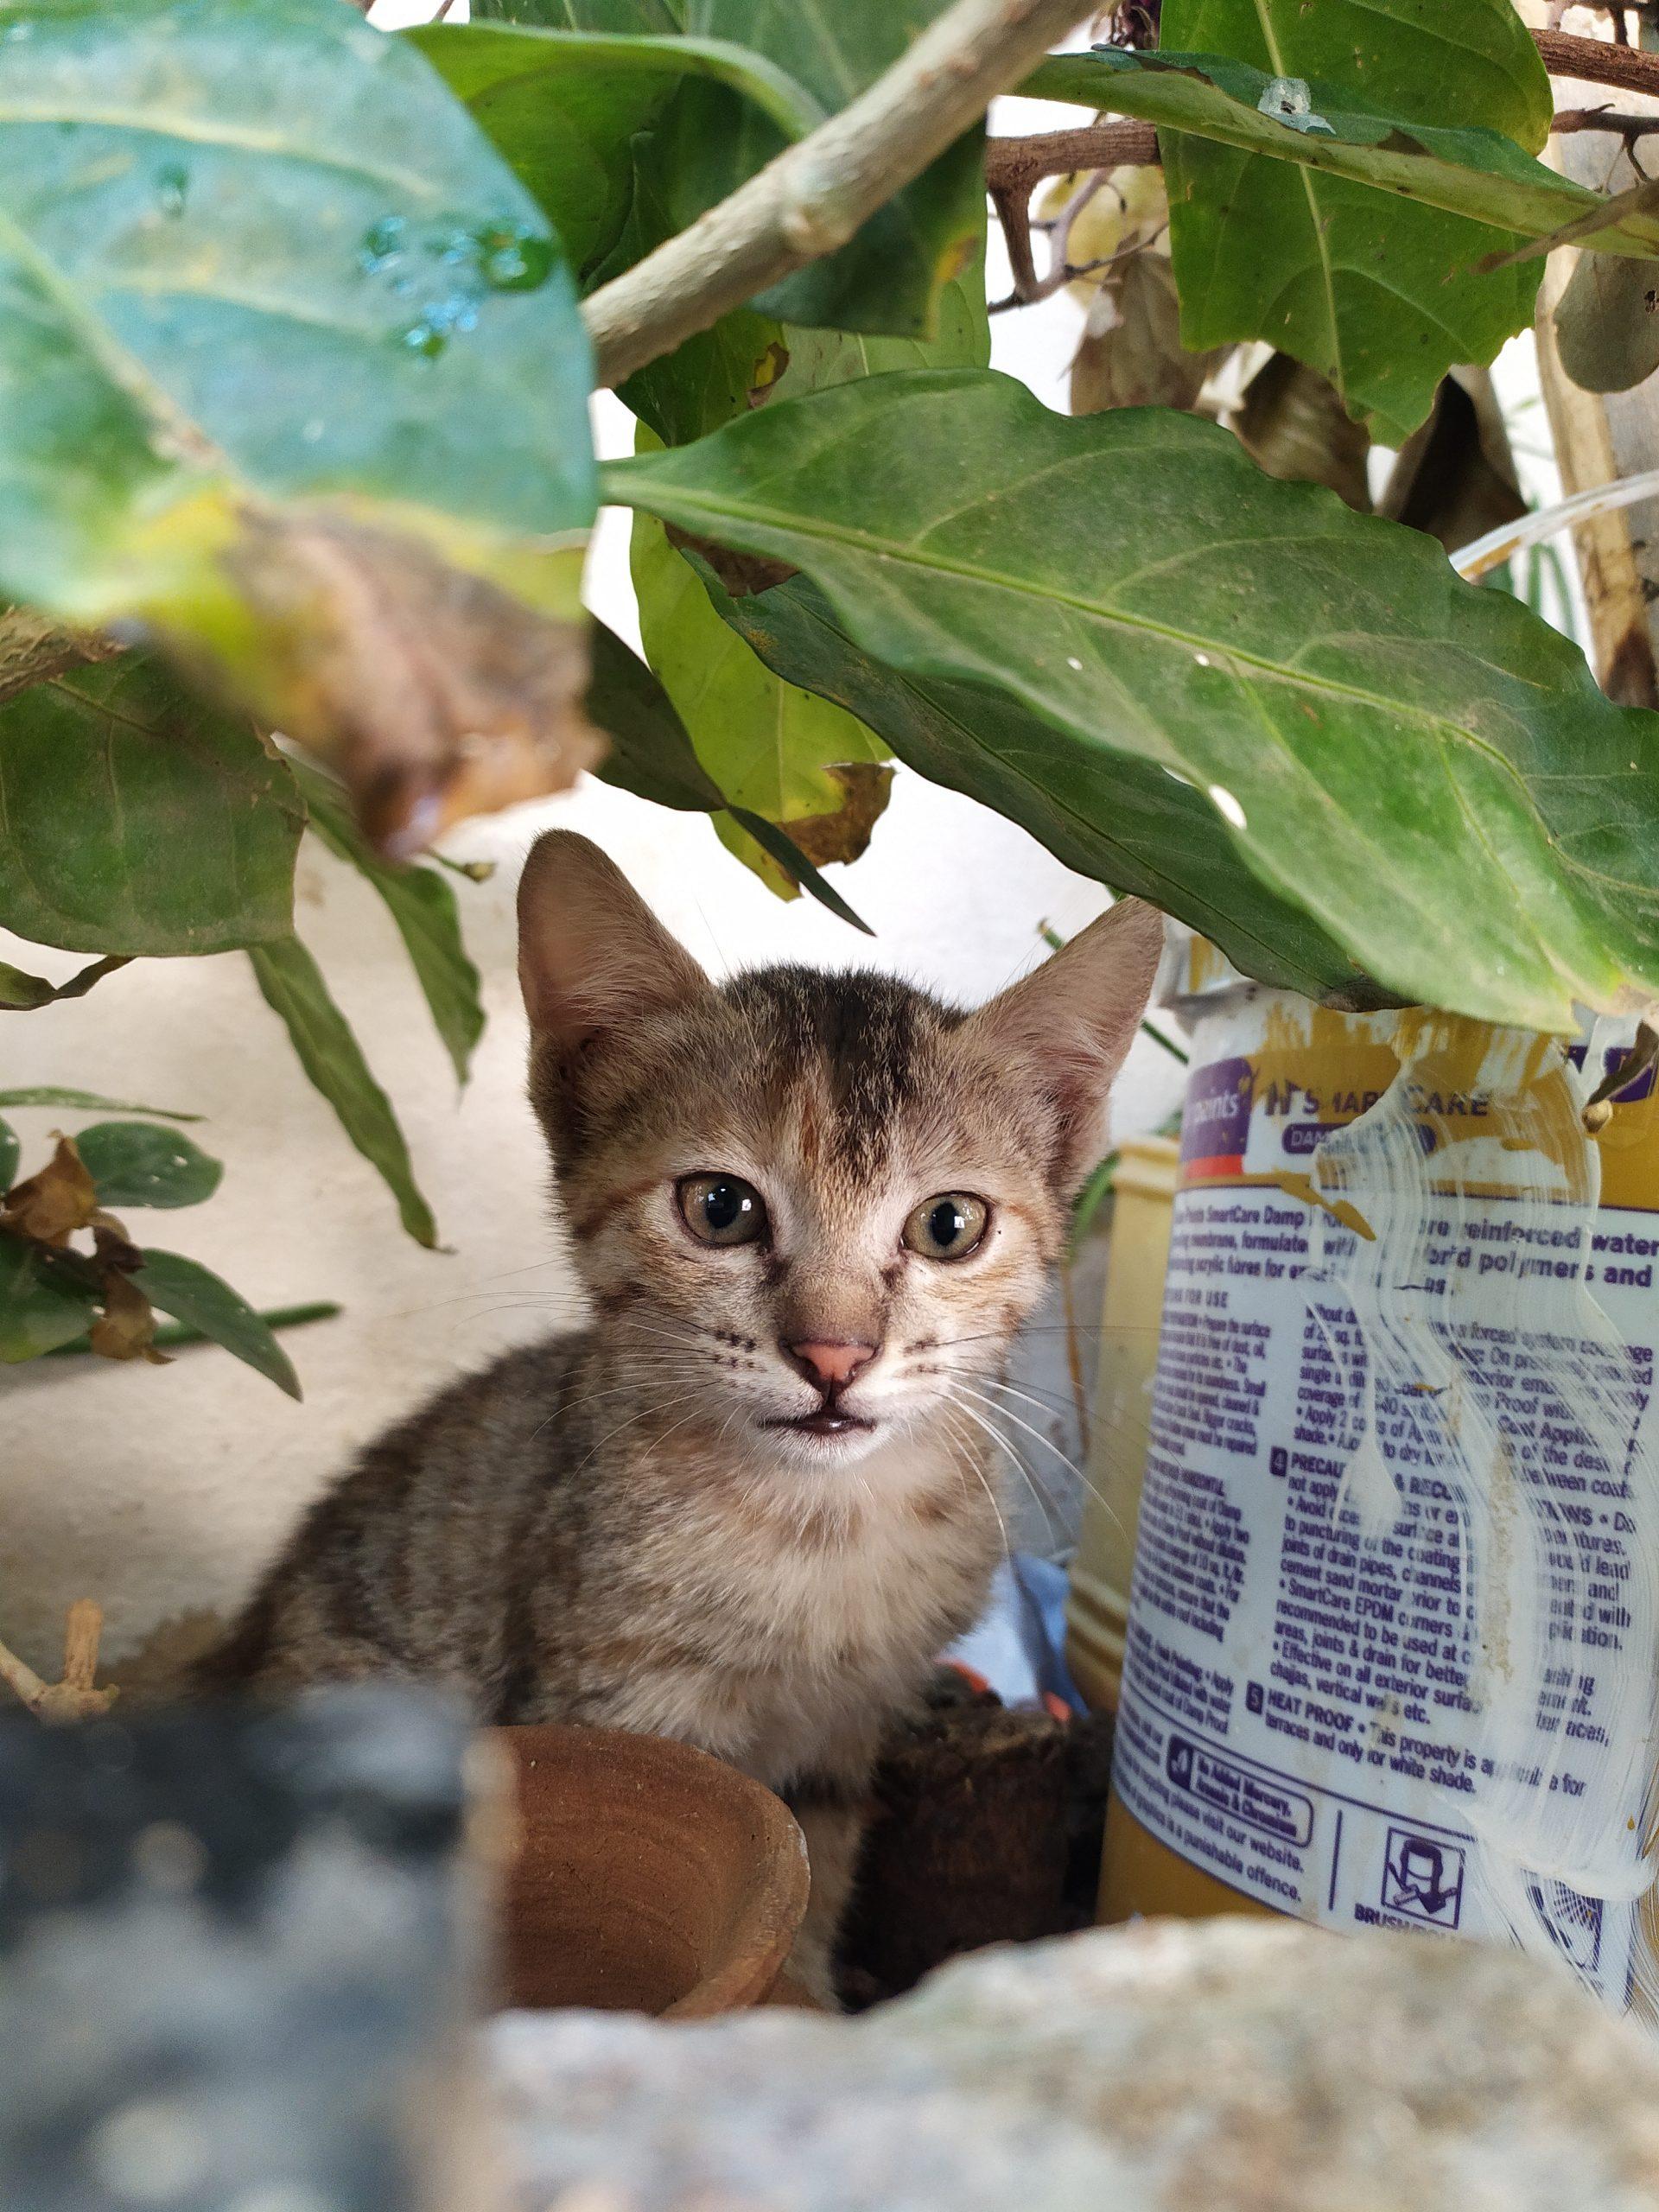 Kitten under a plant